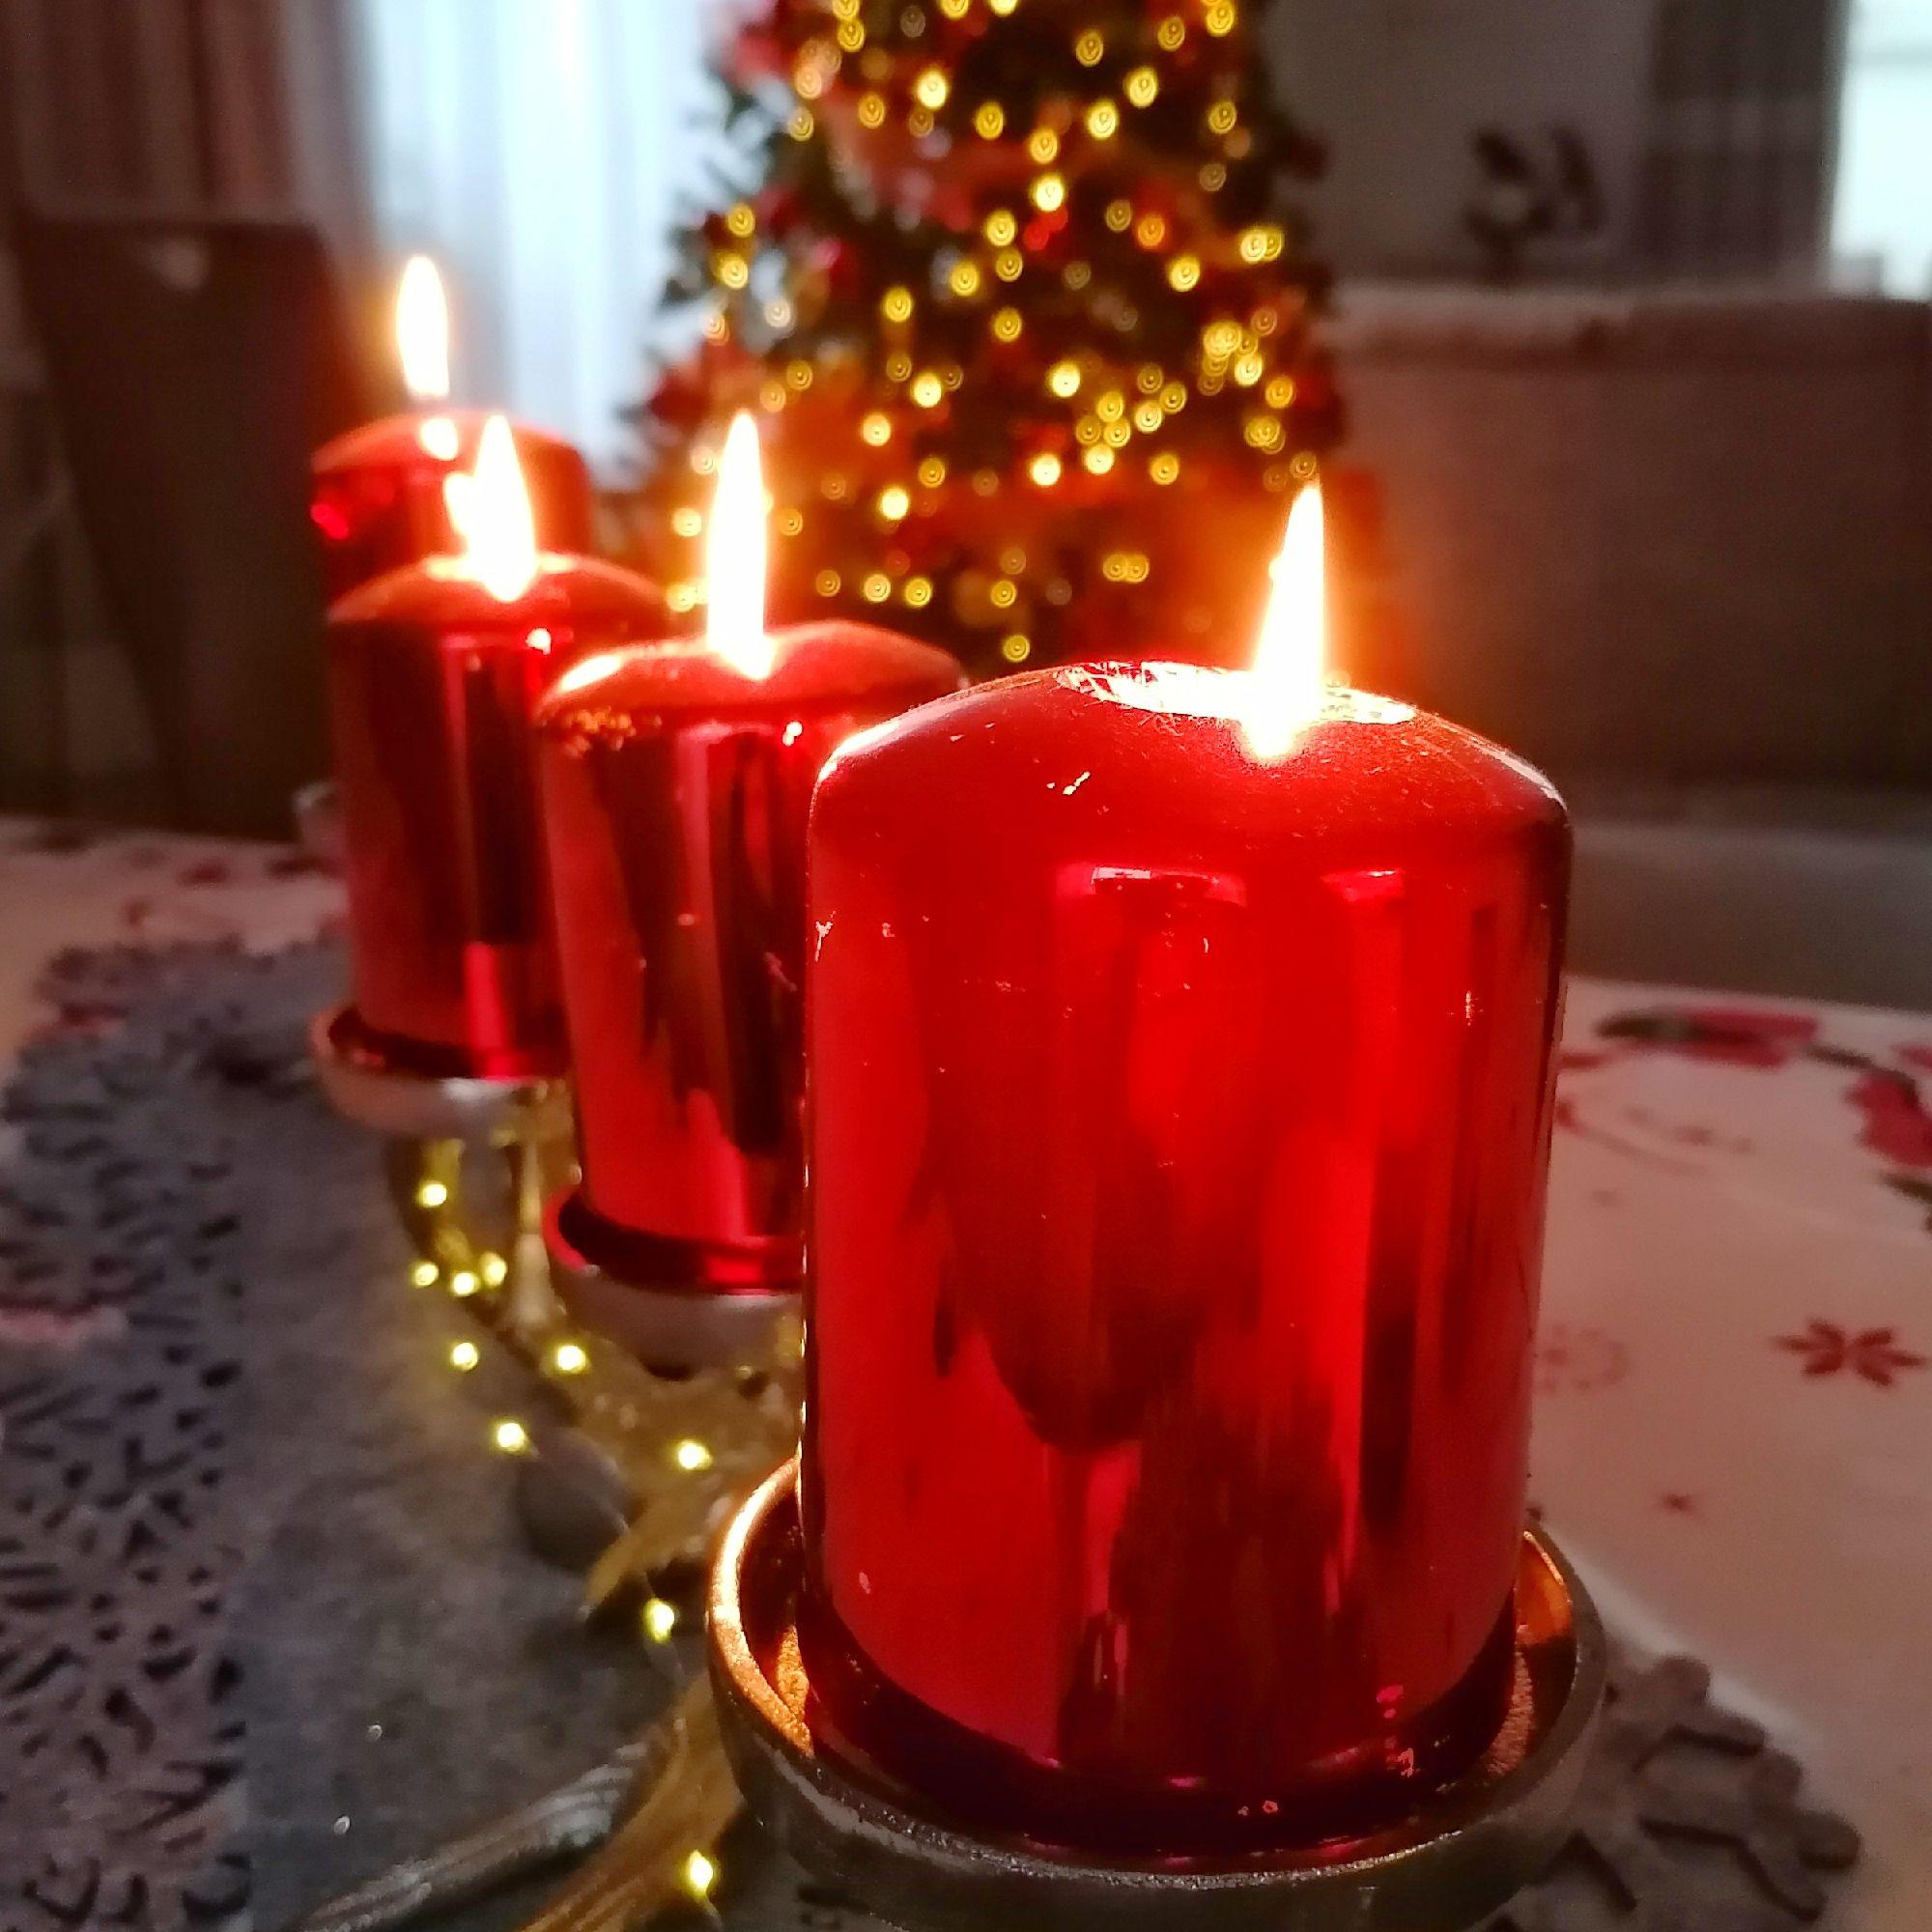 Вот и загорелась последняя, четвёртая свеча, а это значит что четыре недели ожидания Рождества позади и остался лишь один шаг до праздника.